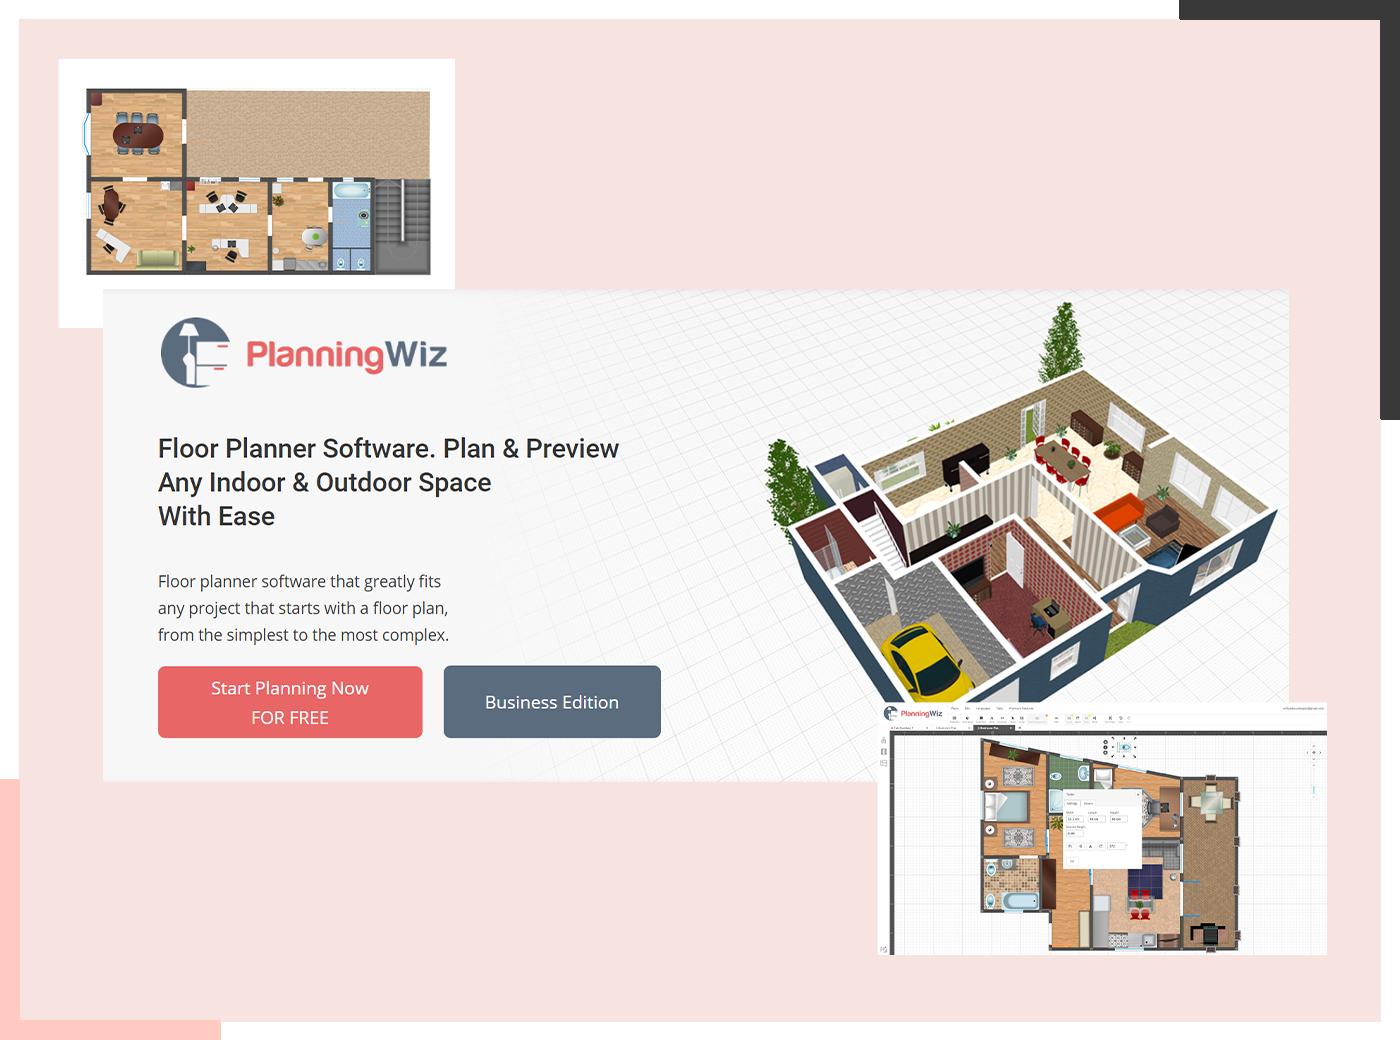 Planning WIZ